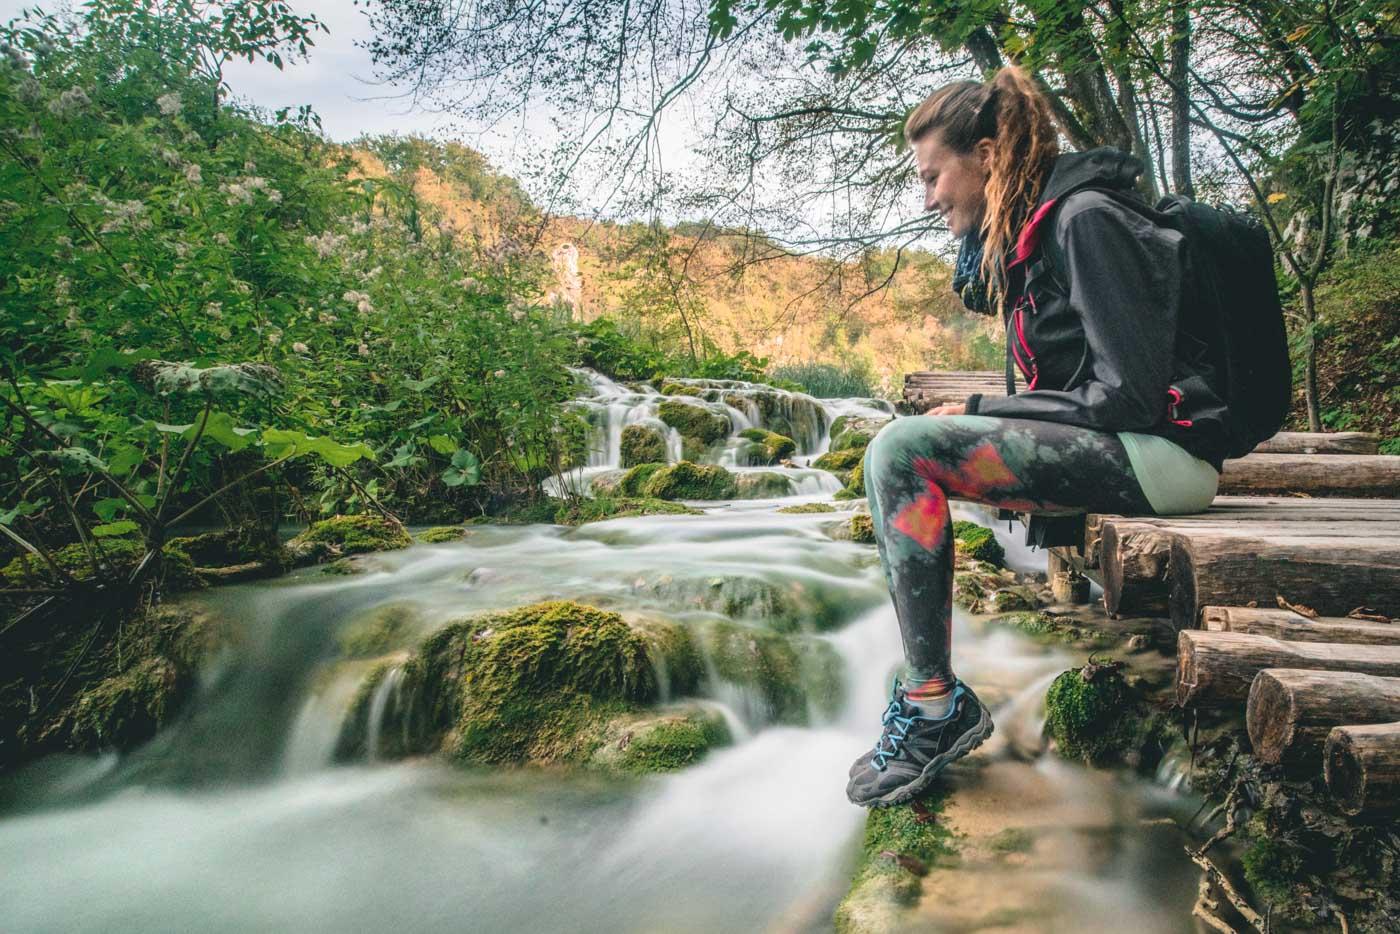 Oksana in Plitvice Lakes National Park, Croatia